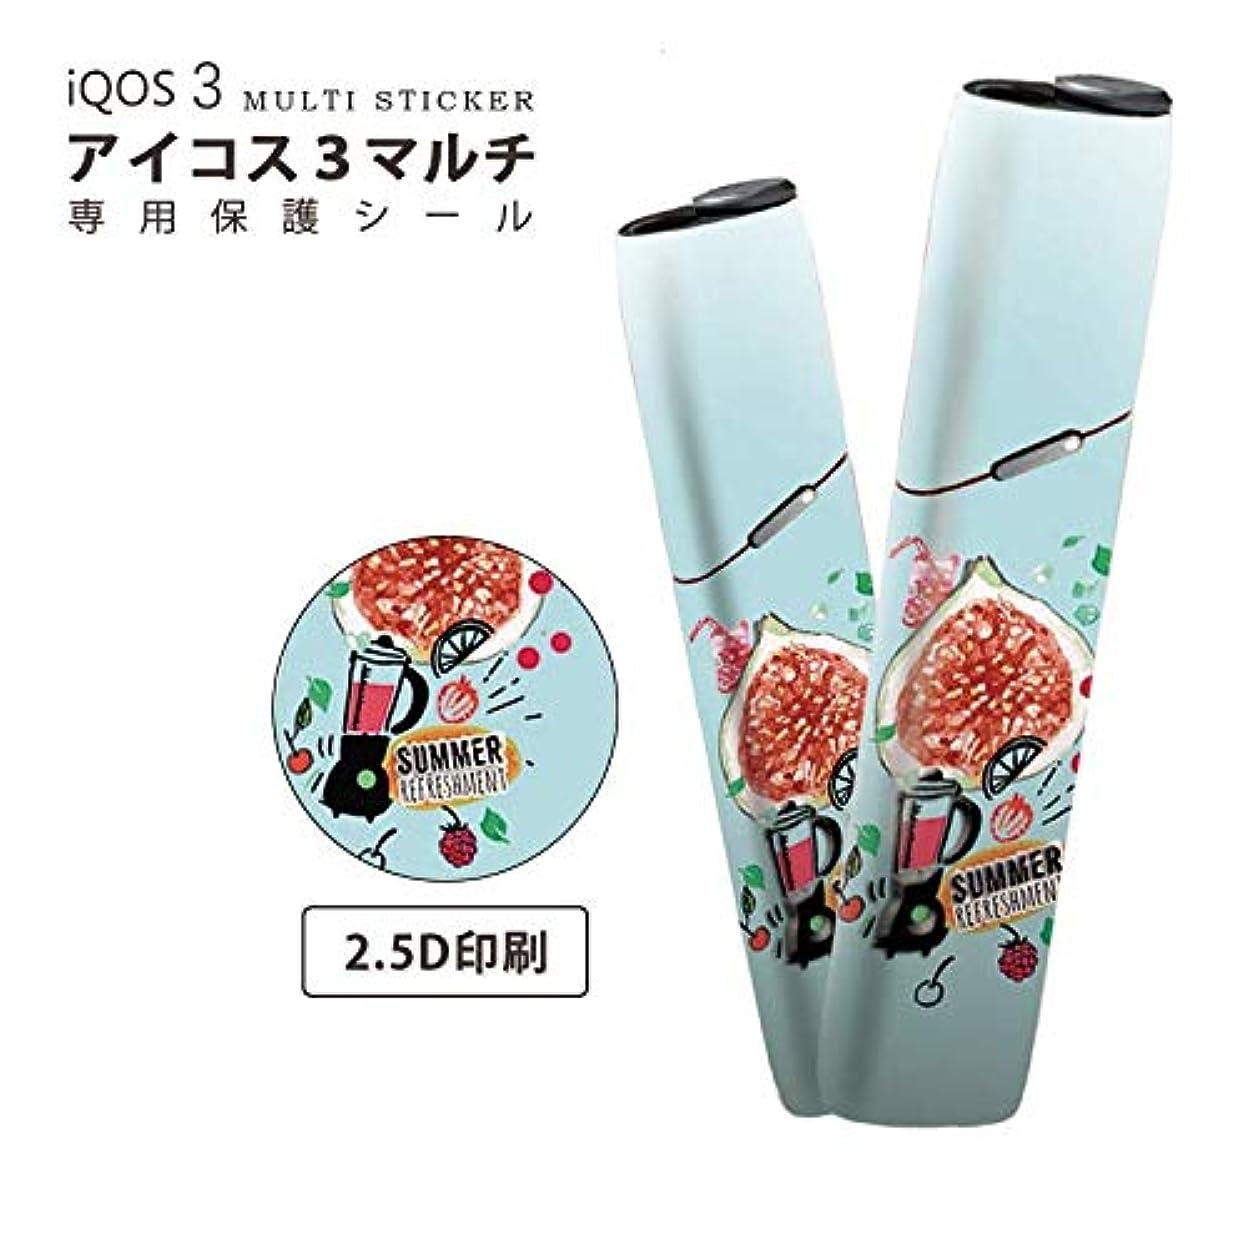 シチリアクスコ里親【SHIODOKI】アイコス3 マルチ シール IQOS 3 MULTI対応 iqos3マルチ 果物シリーズ 2.5D印刷スキンシール ステッカー 全面保護フィルム 3M (ザクロ)